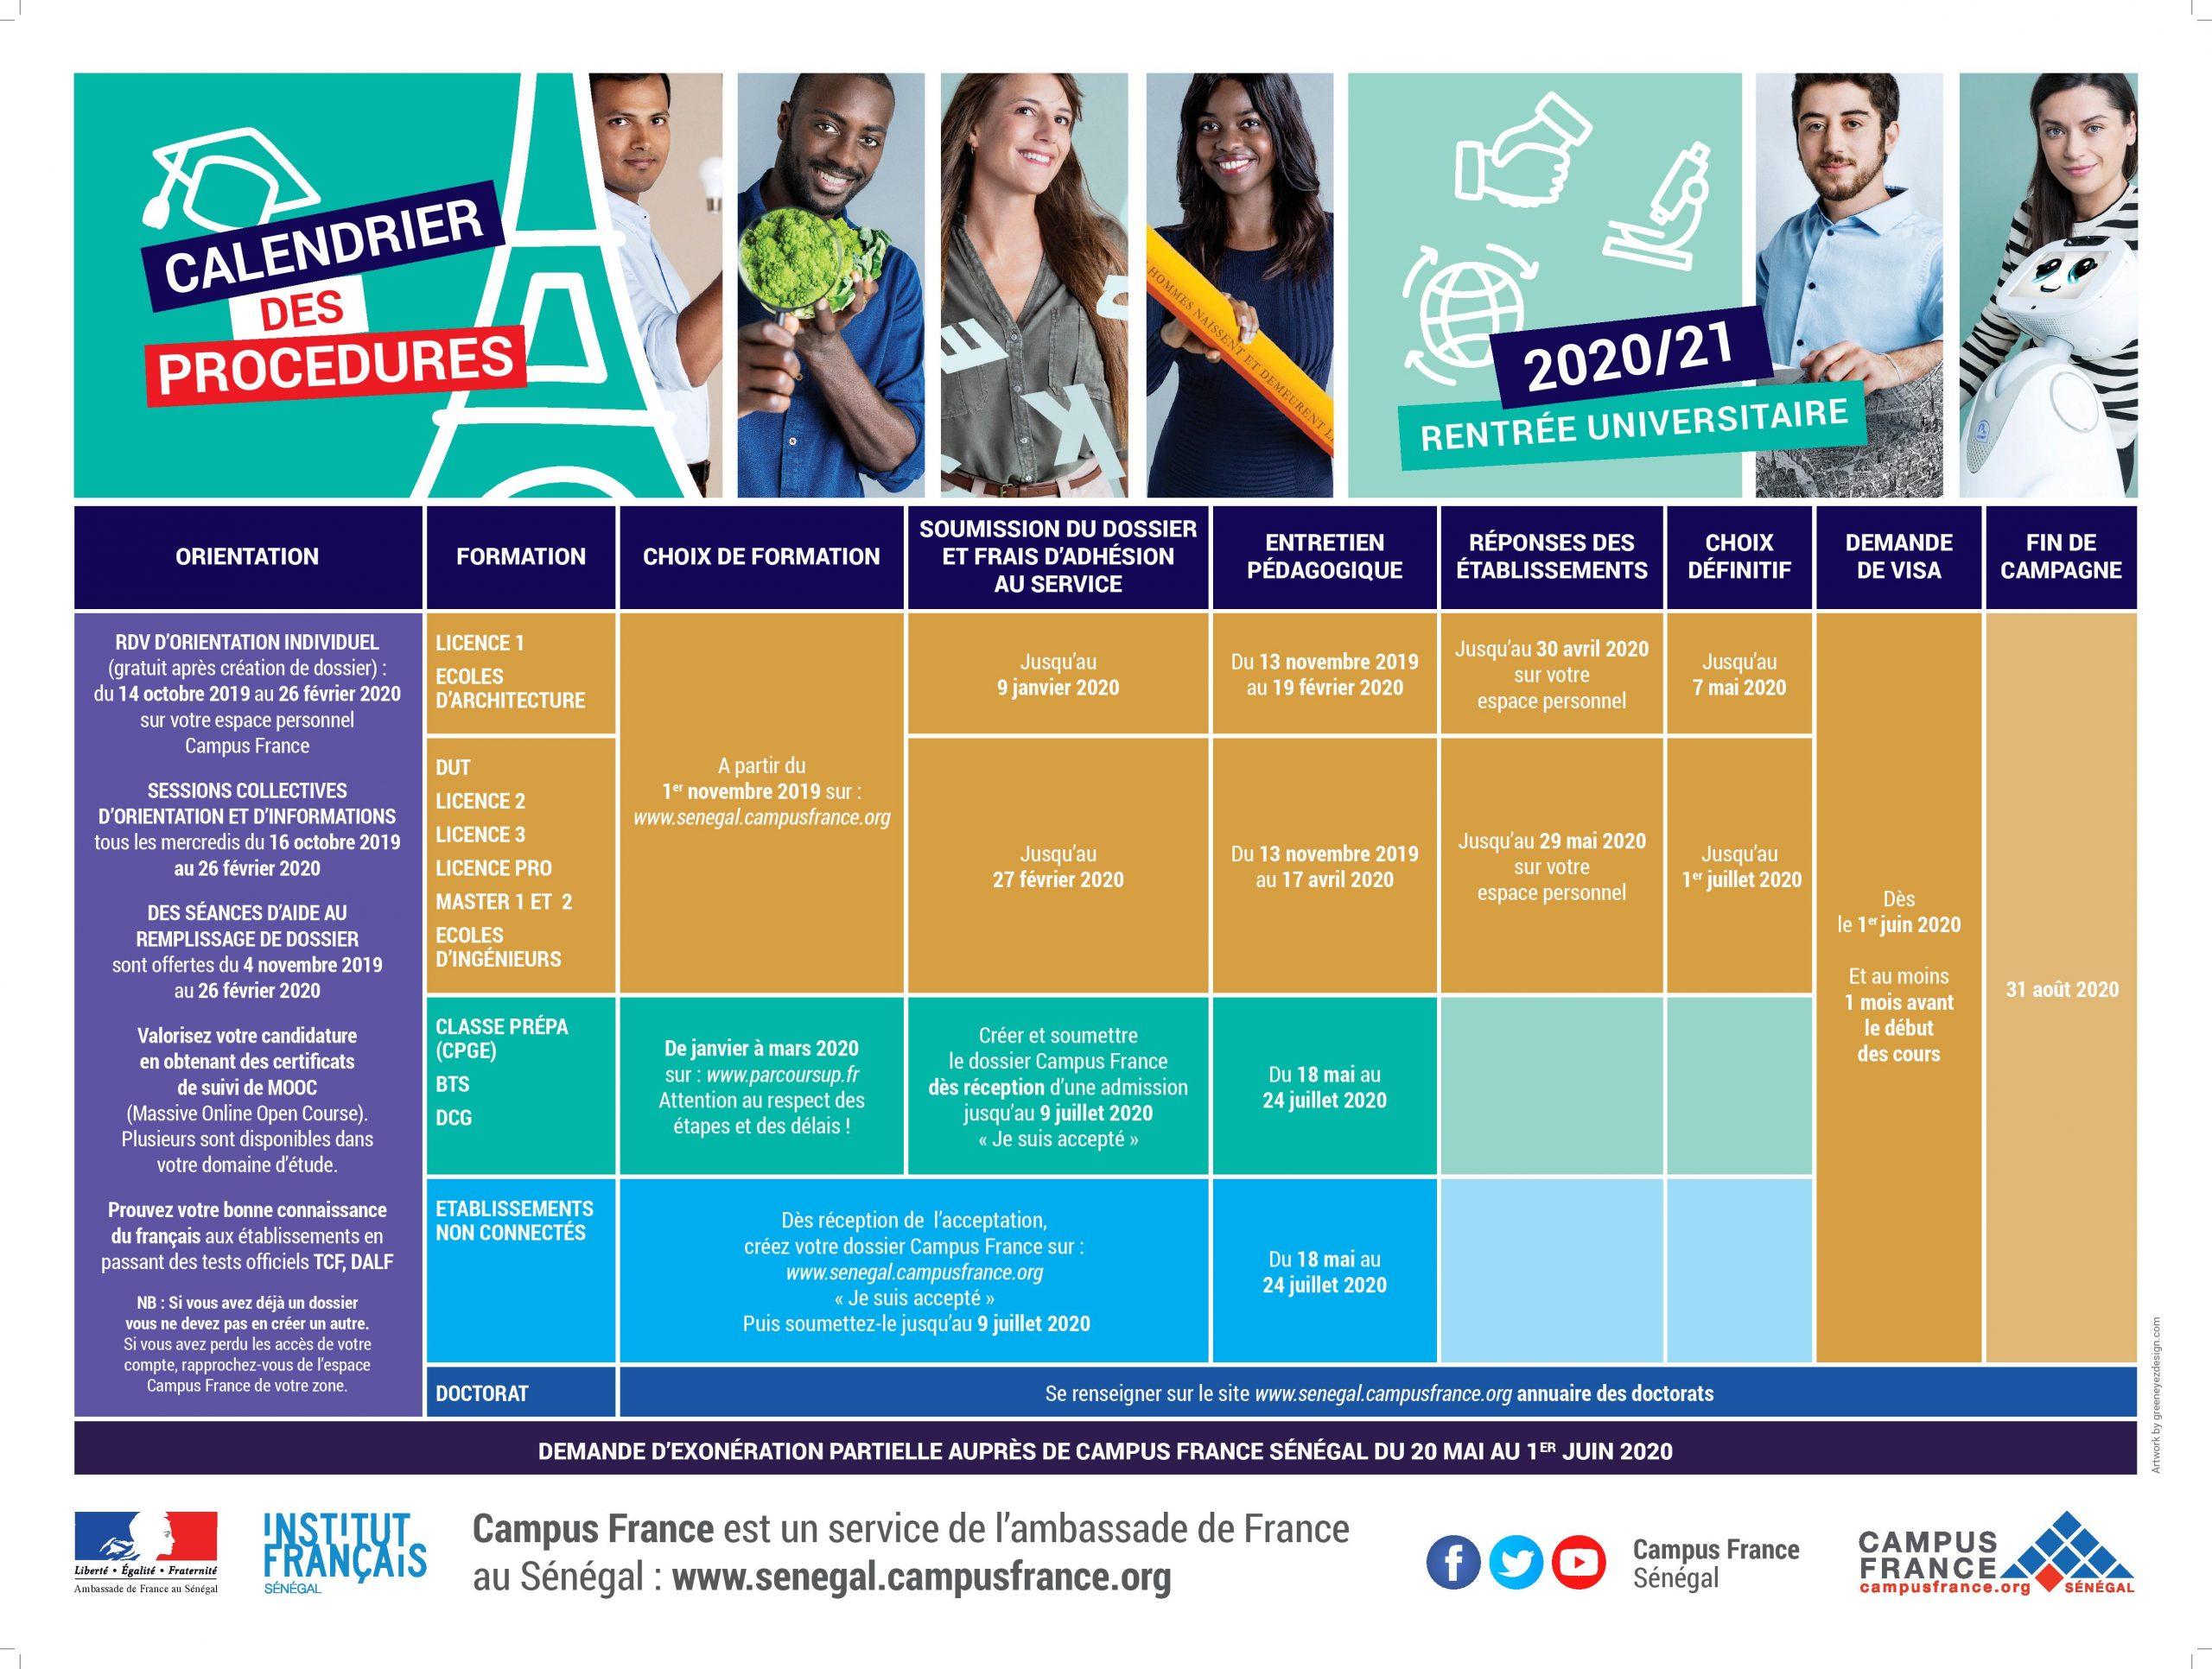 calendrier 2019 1 page 001 scaled 1 Campus France : le calendrier des procédures pour la rentrée 2020/21